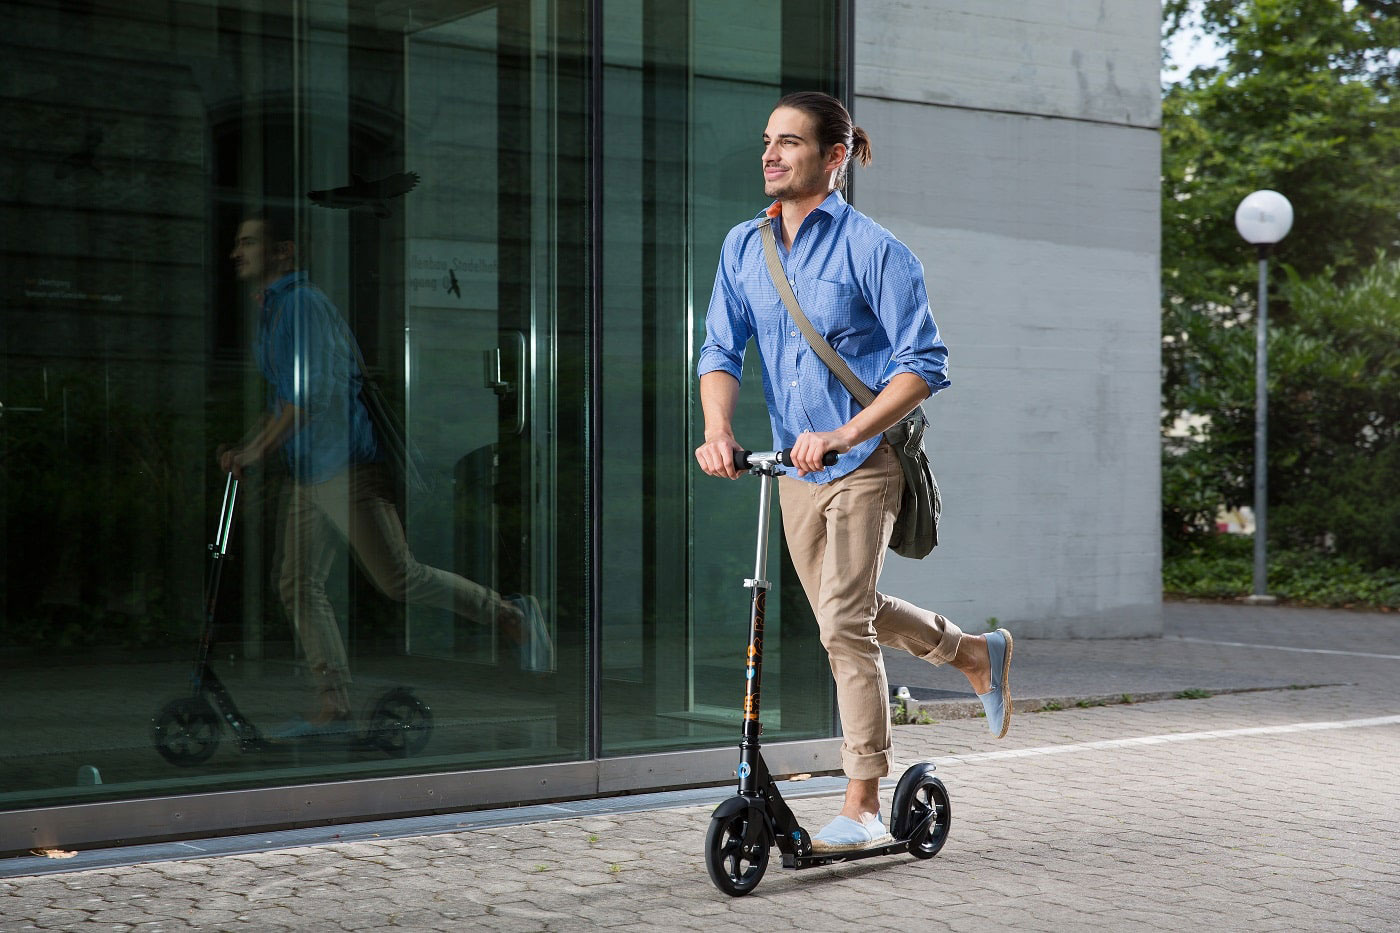 Tretroller für Erwachsene - ein junger Mann im Business-Look fährt ins Büro